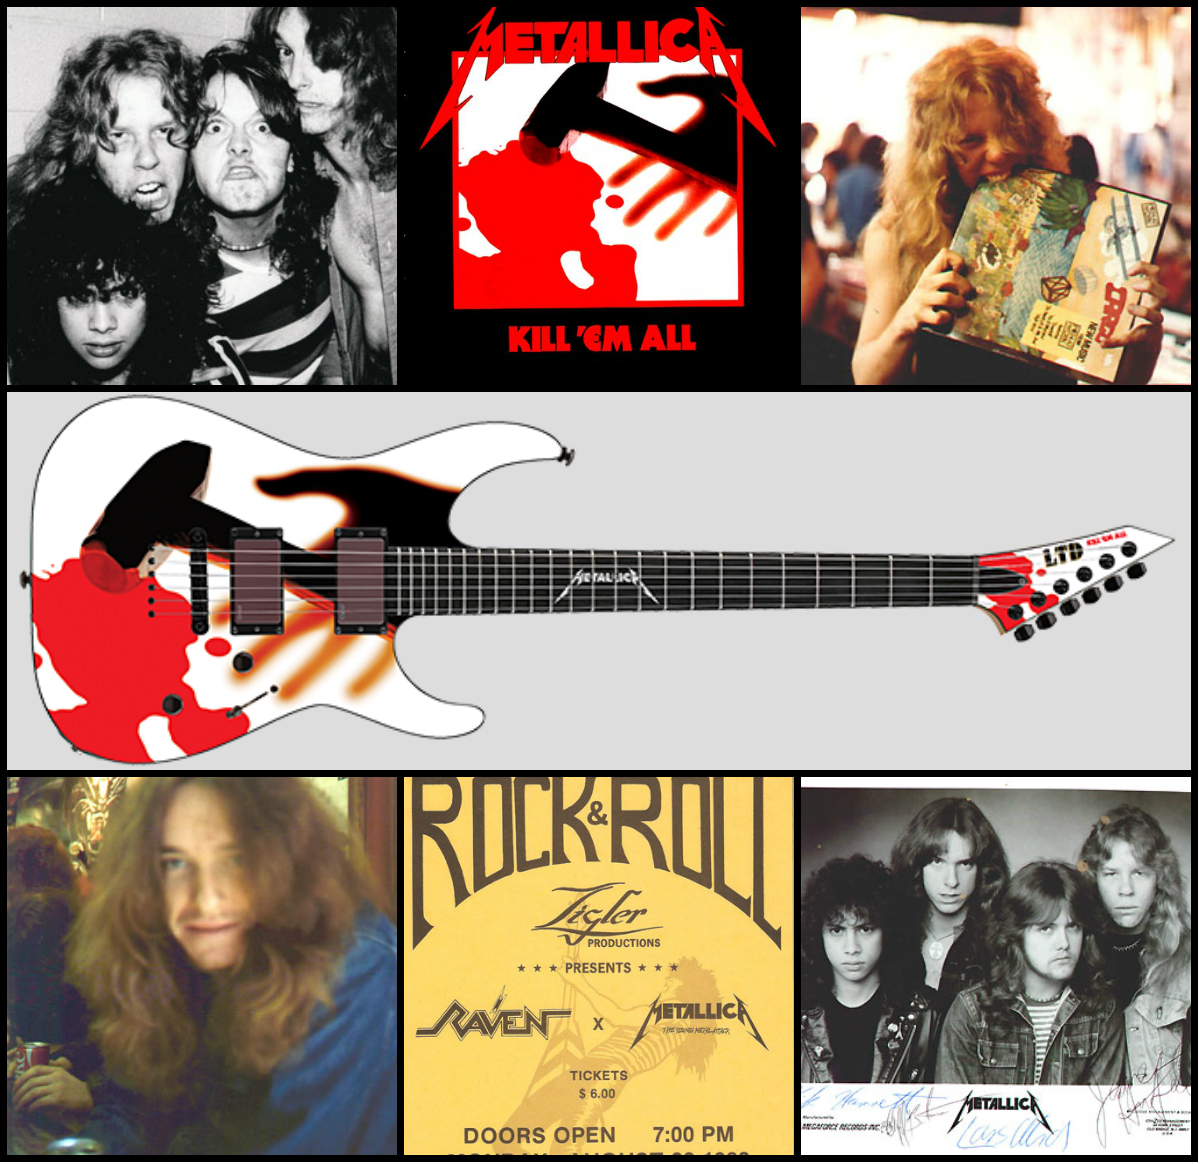 Kill_Metallica